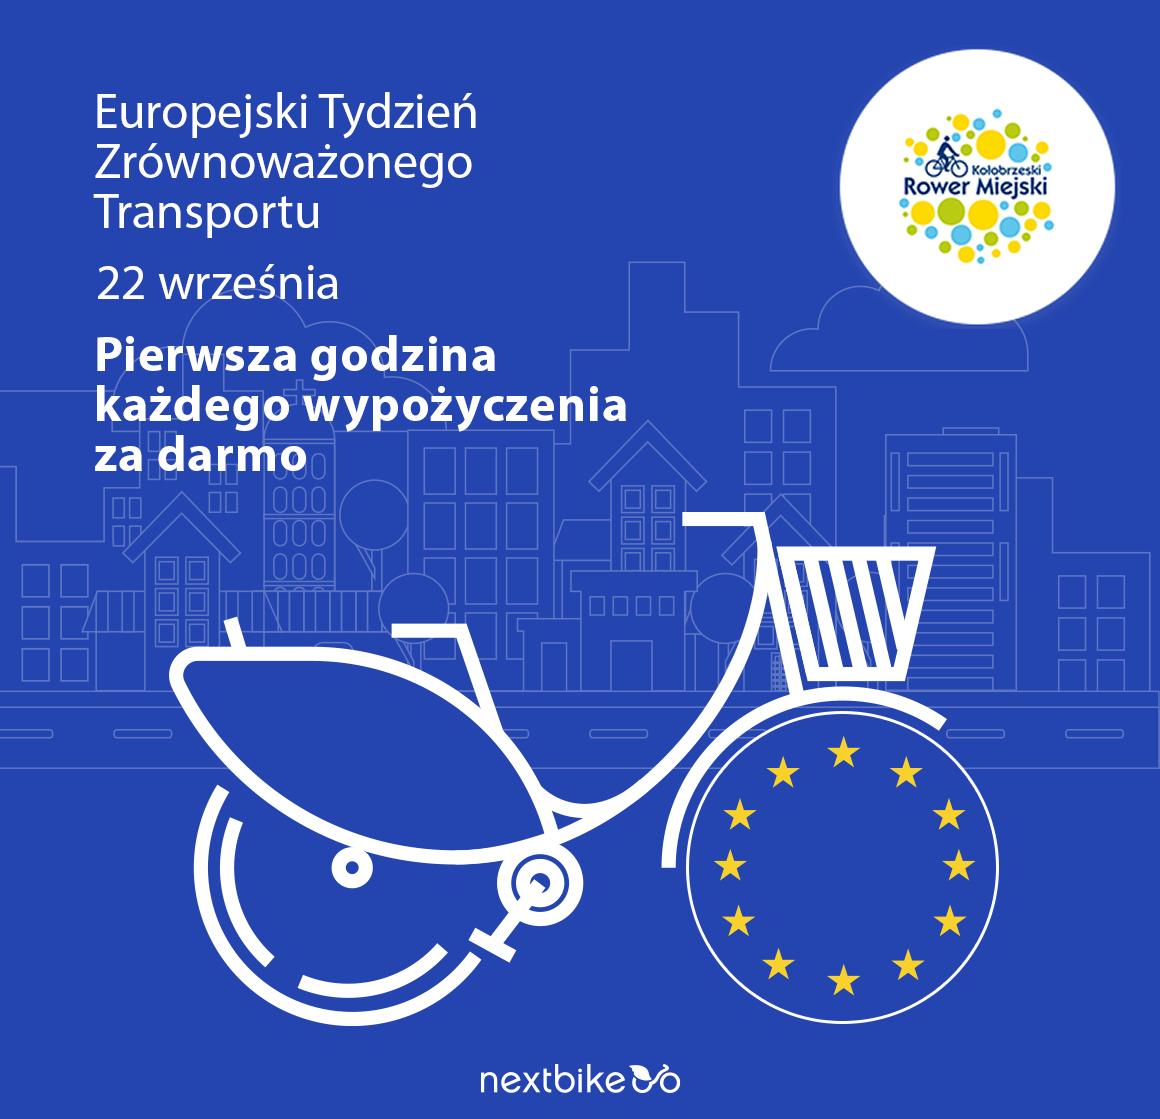 (Polski) Dzień Bez Samochodu z darmowymi wypożyczeniami